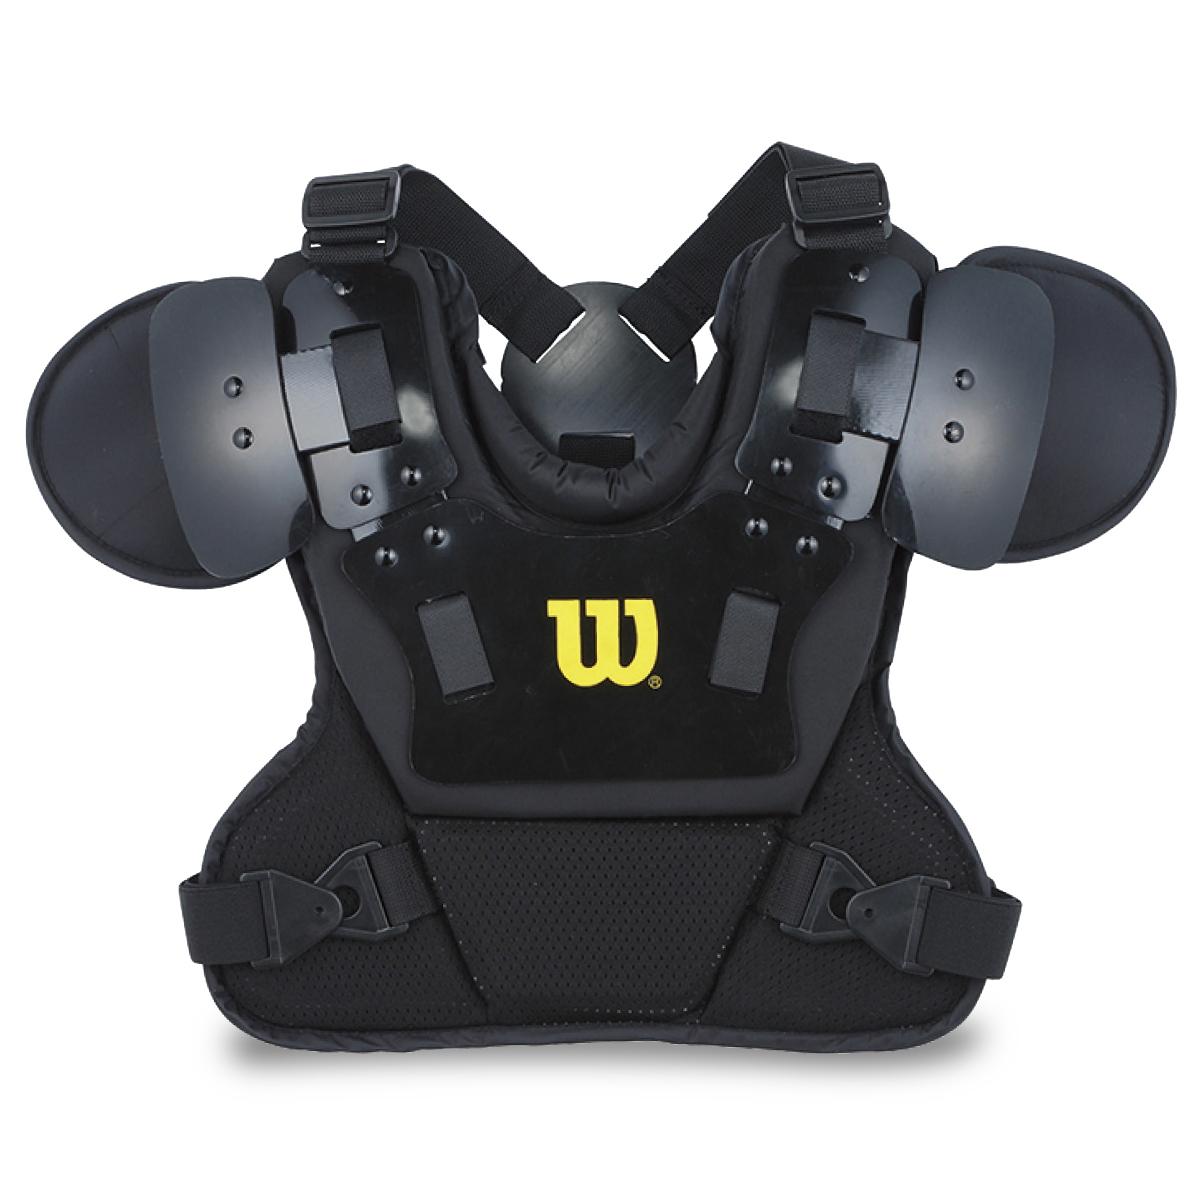 ウィルソン(Wilson) 軟式用アンパイア チェストプロテクター アンパイアギア メンズ WTA3250RB